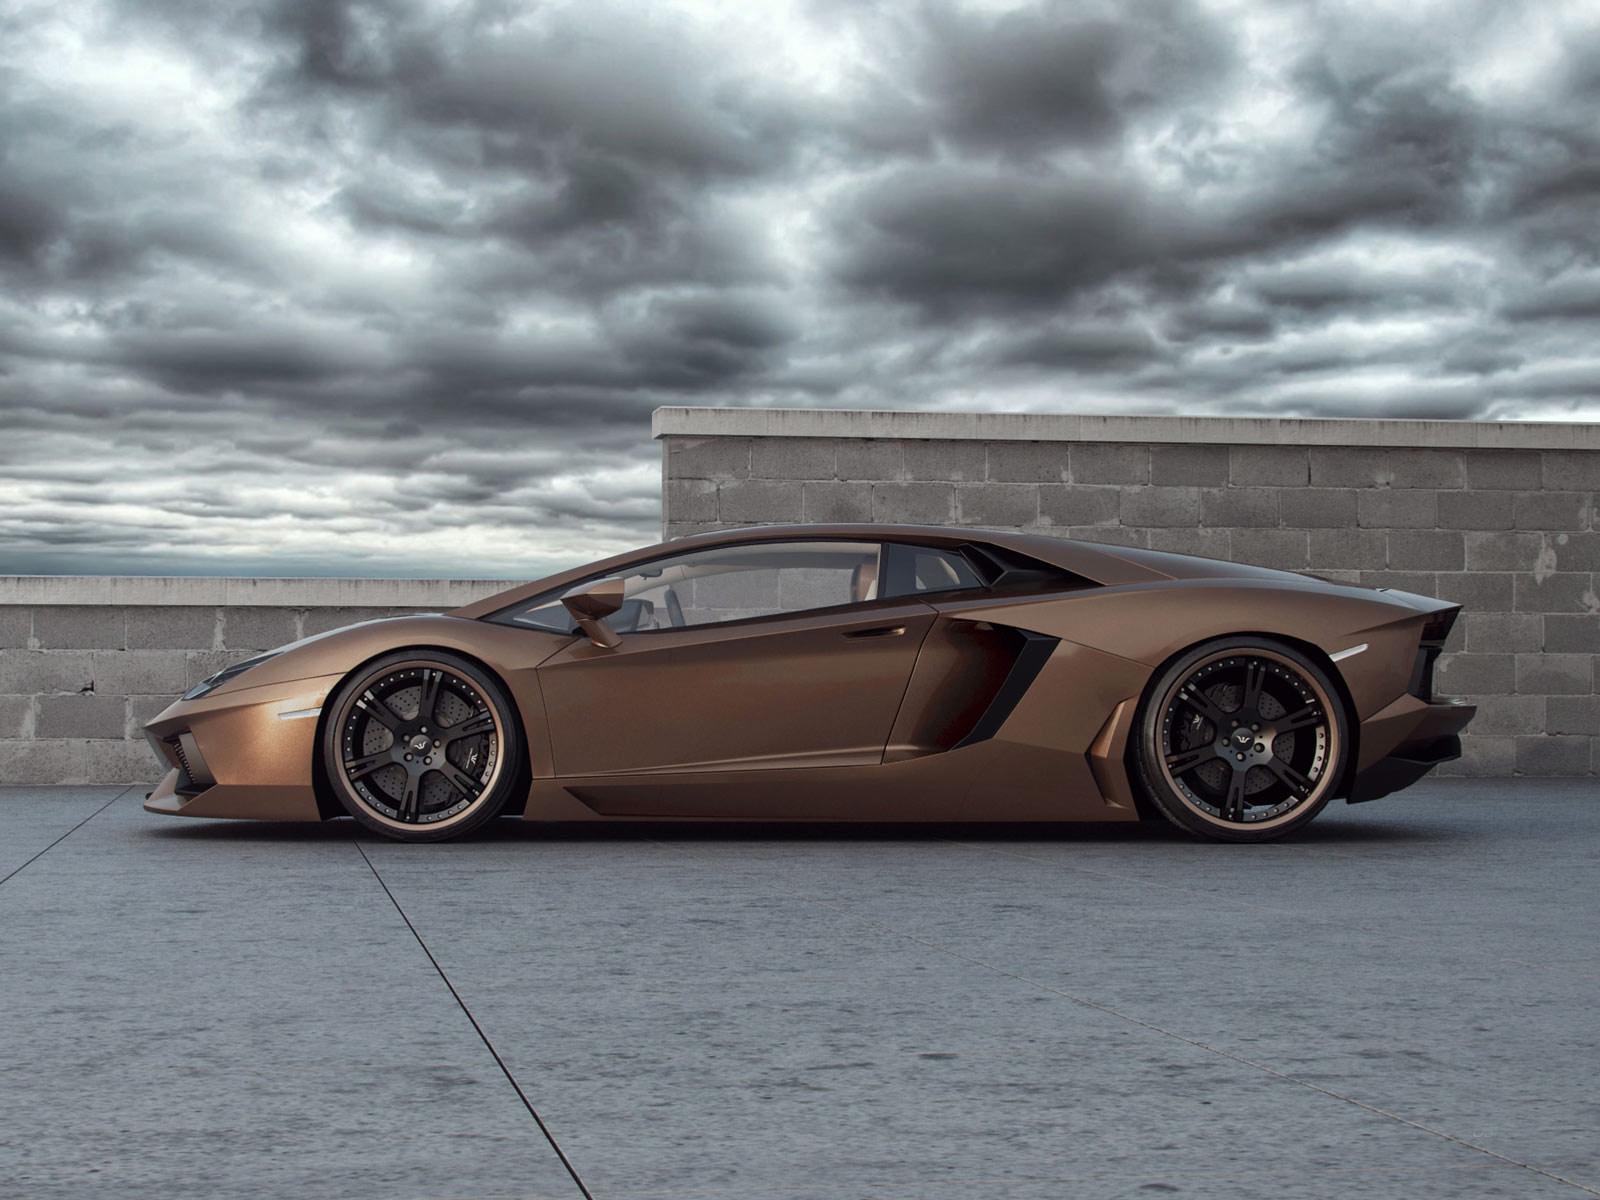 2012-Lamborghini-Aventador-LP700-4-Rabbioso-pictures-4 Exciting Lamborghini Huracán Lp 610-4 Cena Cars Trend